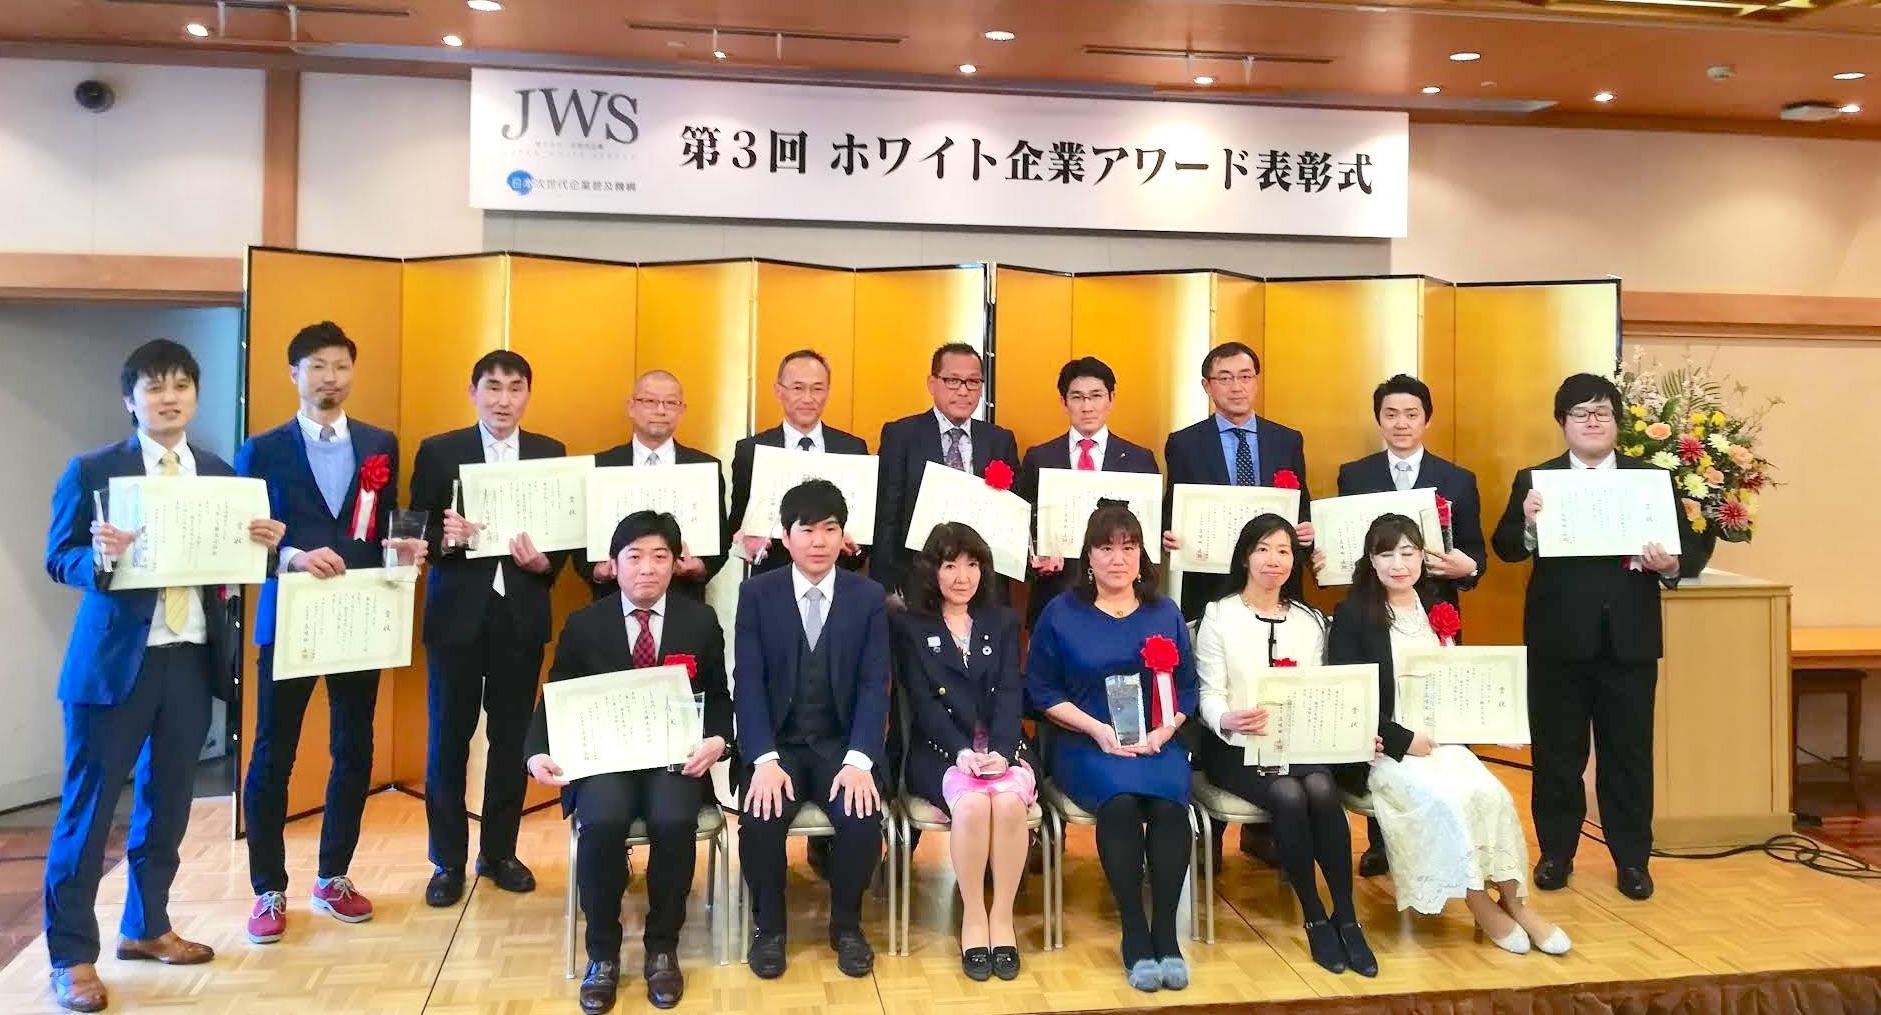 「第三回ホワイト企業アワード」の授賞式が行われました